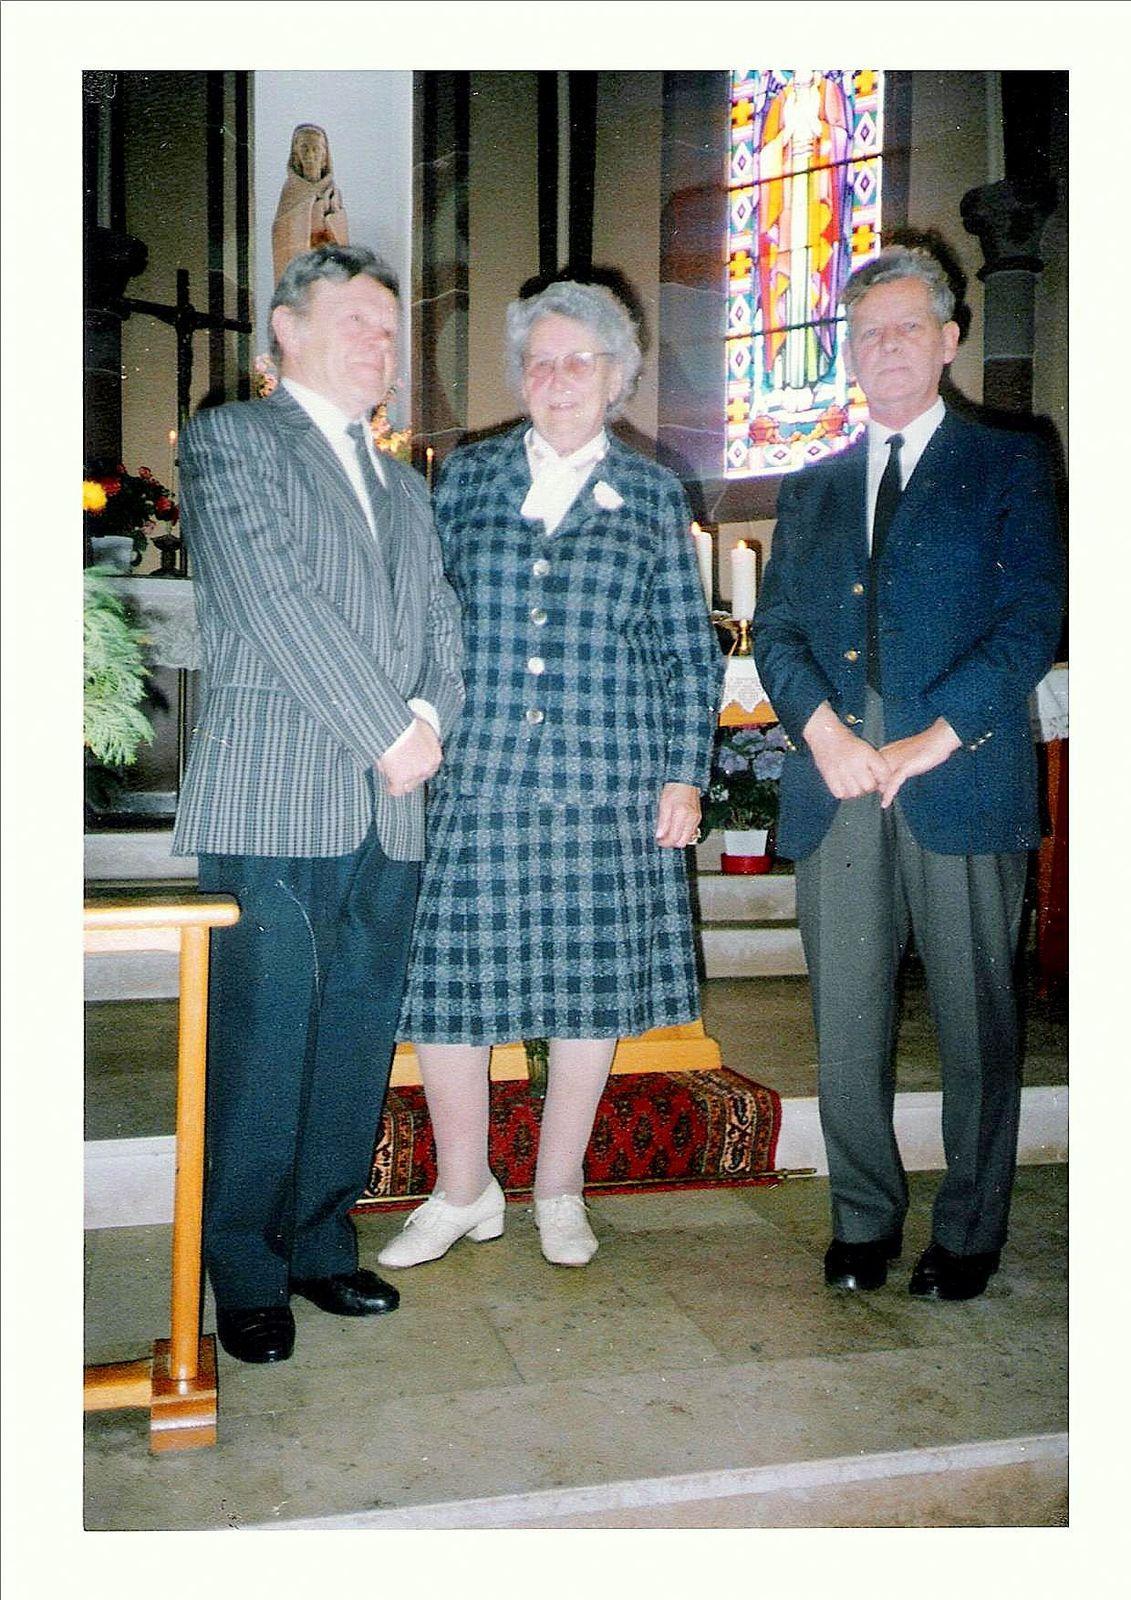 Raymond FUCHS (à gauche) et le Père LUTZ entourant Mme Cécile OLLAND, en 1985